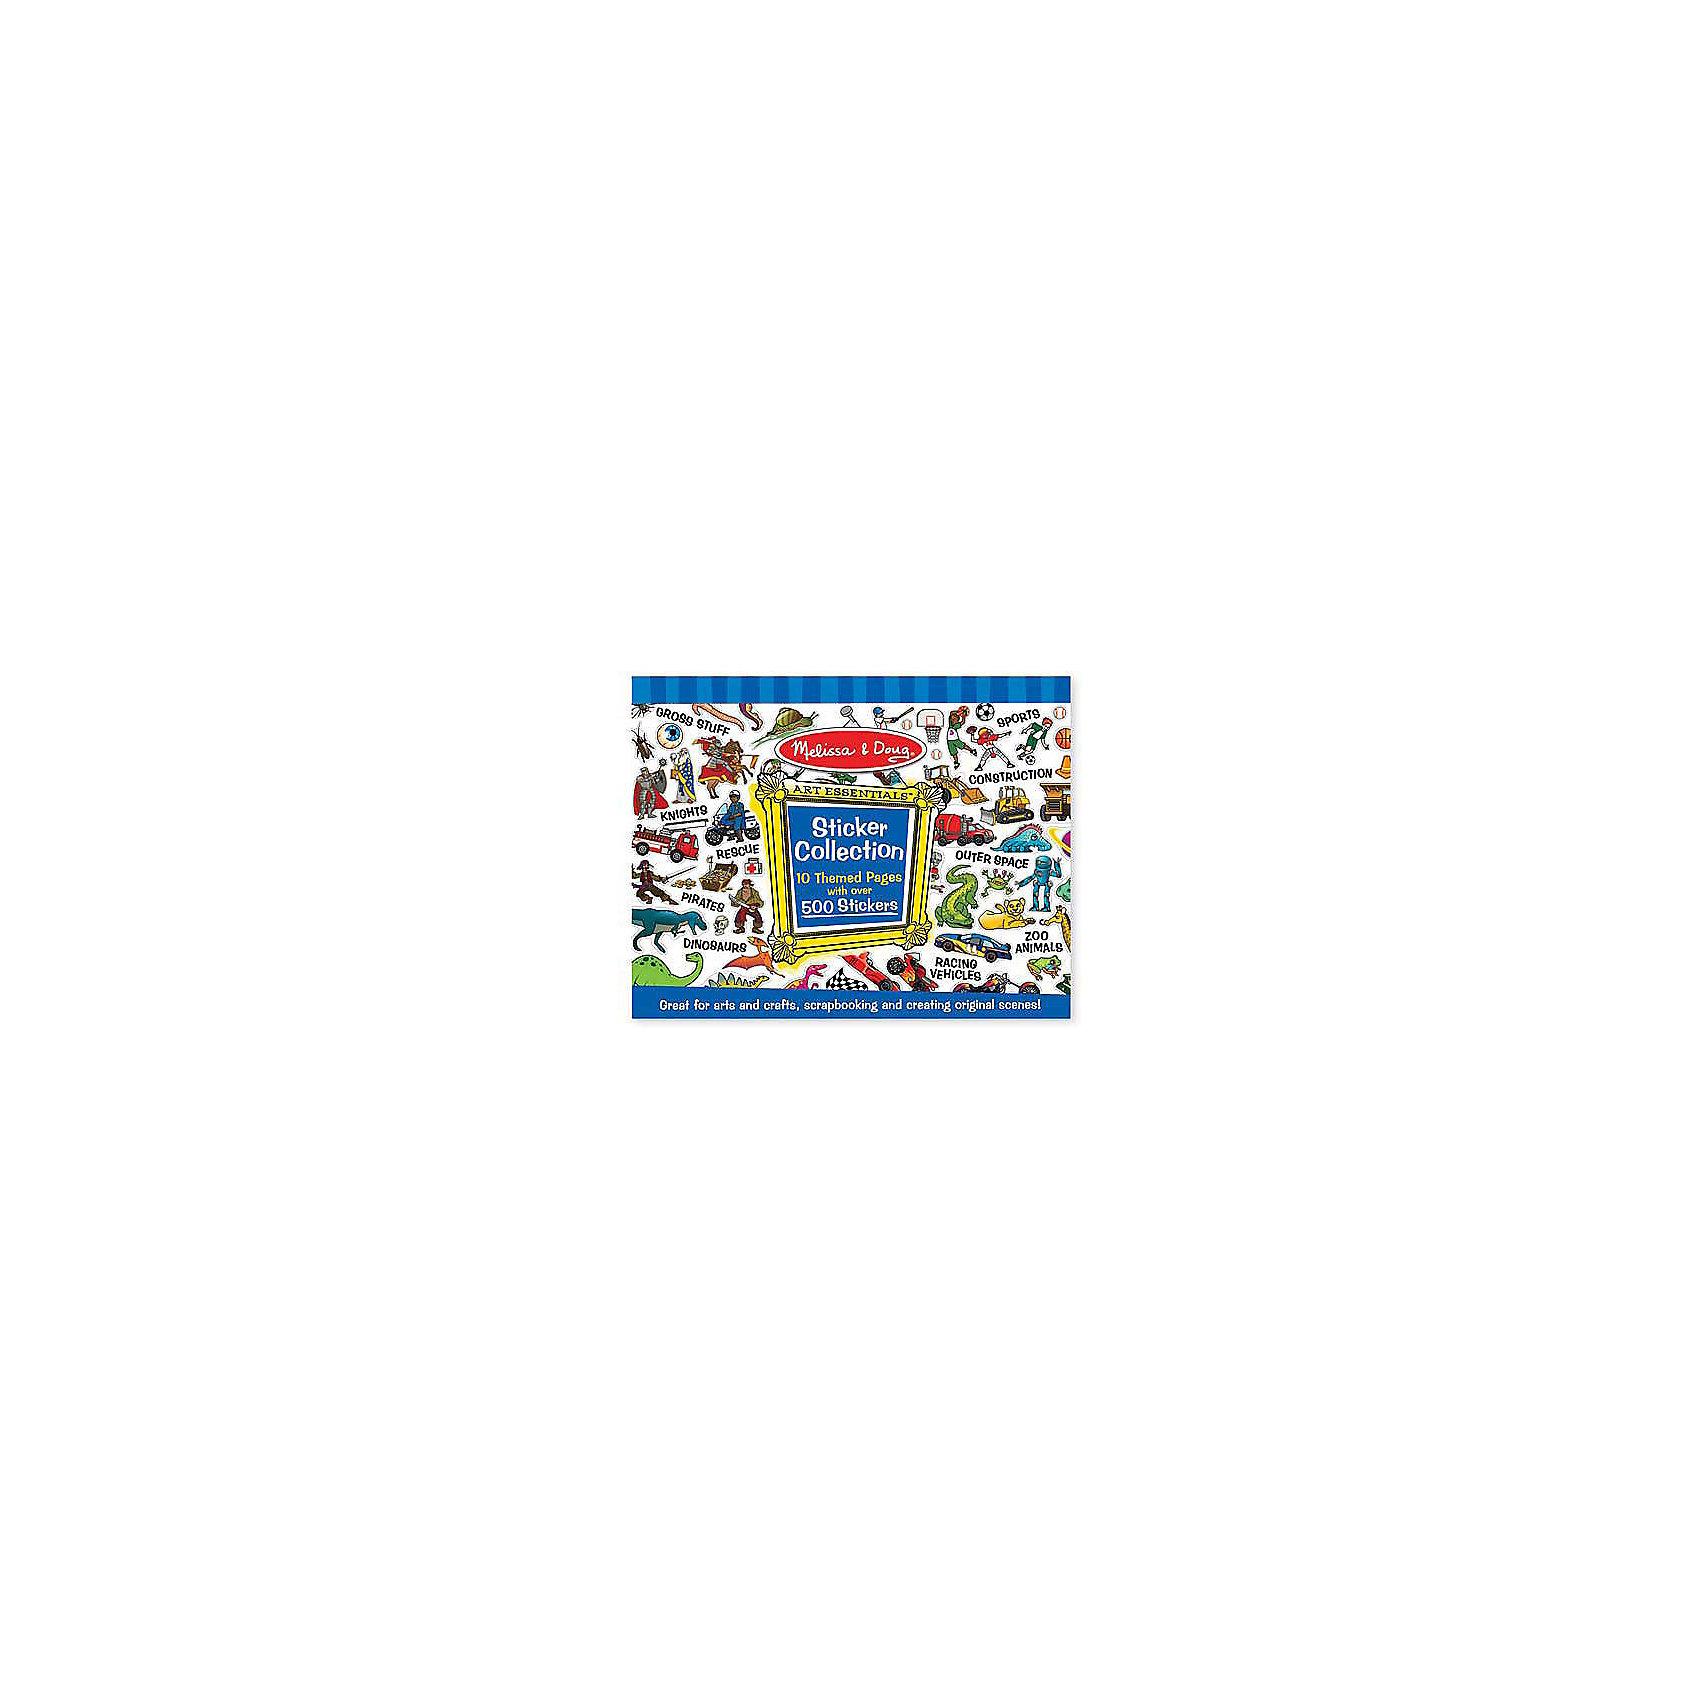 Набор стикеров Голубой, 500 наклеекТворчество для малышей<br>В наборе имеются  пираты, рыцари, драконы, машины, спортсмены, различные животные и многое другое, что может заинтересовать малыша. <br>Создавать яркие сюжеты ребенок сможет самостоятельно или с друзьями!<br><br>Дополнительная информация:<br><br>- Возраст: от 3 лет.<br>- Материал: бумага.<br>-  500 наклеек.<br>- Размер упаковки: 36х1х28 см.<br><br>Купить набор стикеров Голубой можно в нашем магазине.<br><br>Ширина мм: 360<br>Глубина мм: 10<br>Высота мм: 280<br>Вес г: 318<br>Возраст от месяцев: 36<br>Возраст до месяцев: 120<br>Пол: Мужской<br>Возраст: Детский<br>SKU: 4865274